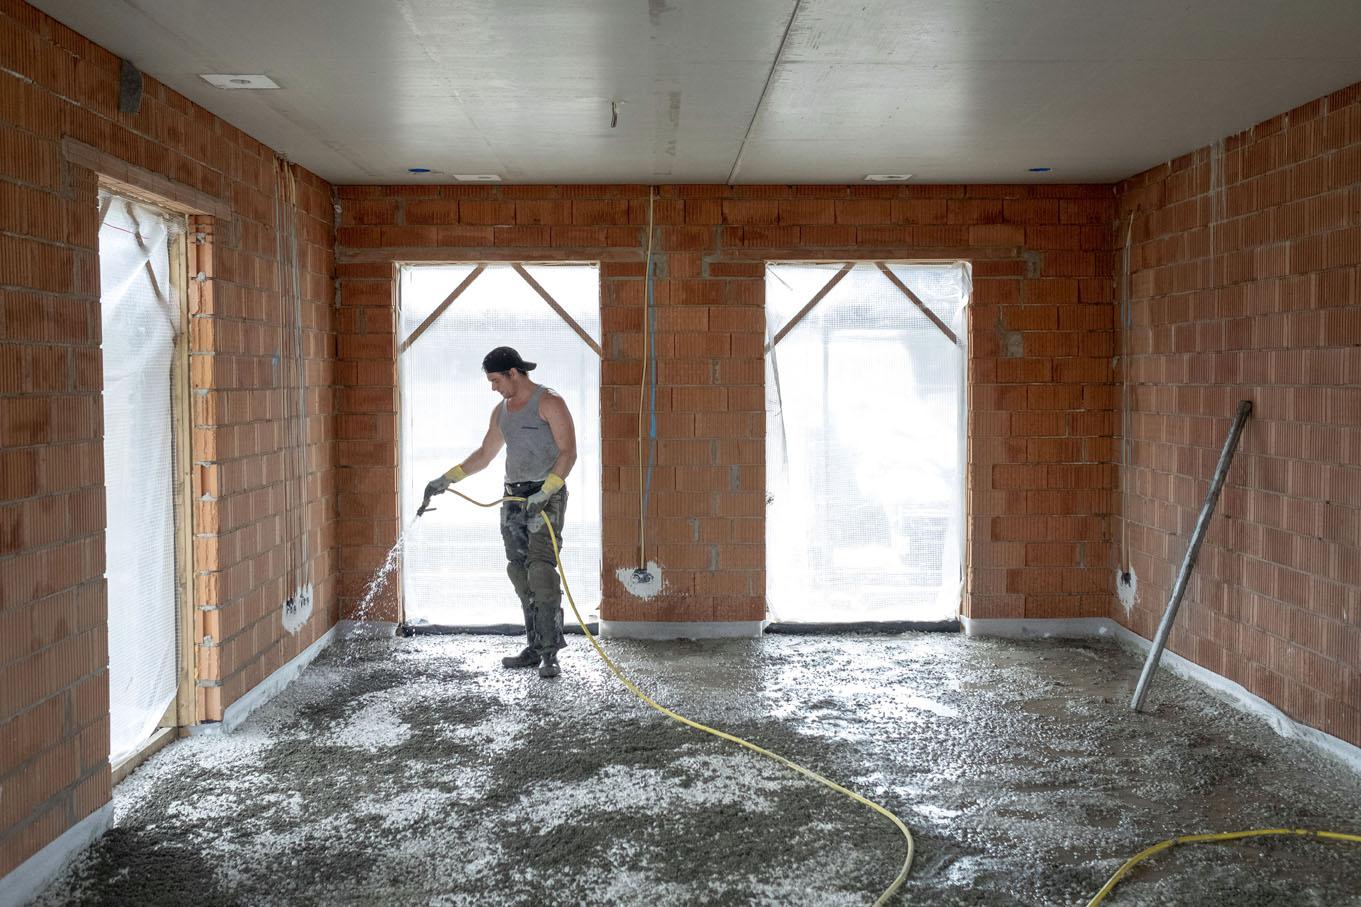 Hechtlaag aanbrengen voordat de cementdekvloer gelegd gaat worden